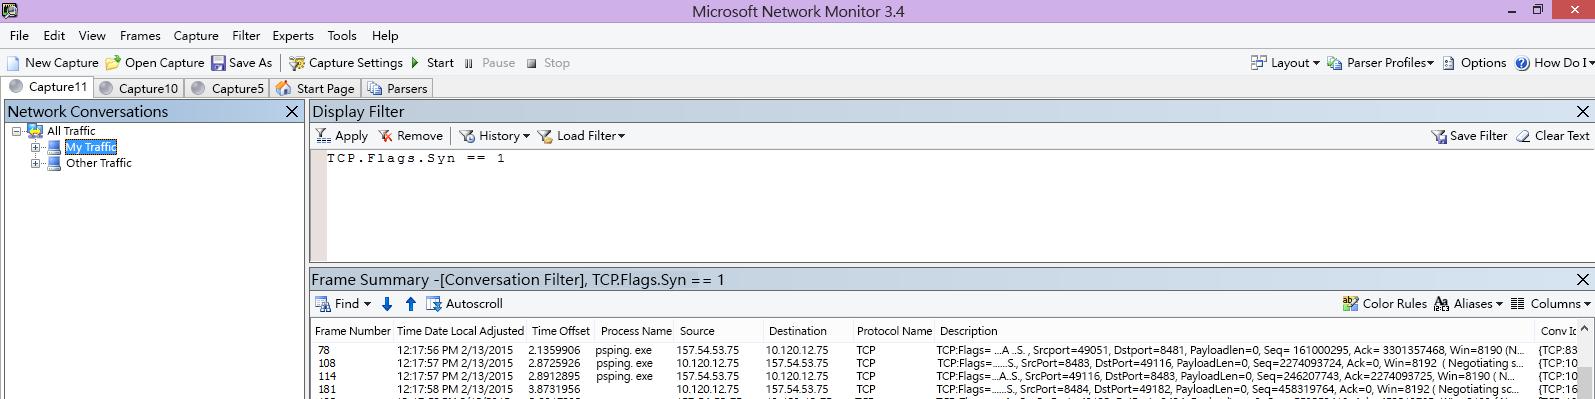 來自於用戶端的 Netmon 追蹤,透過篩選器 TCP.Flags.Syn == 1 顯示相同的 PSPing 命令。